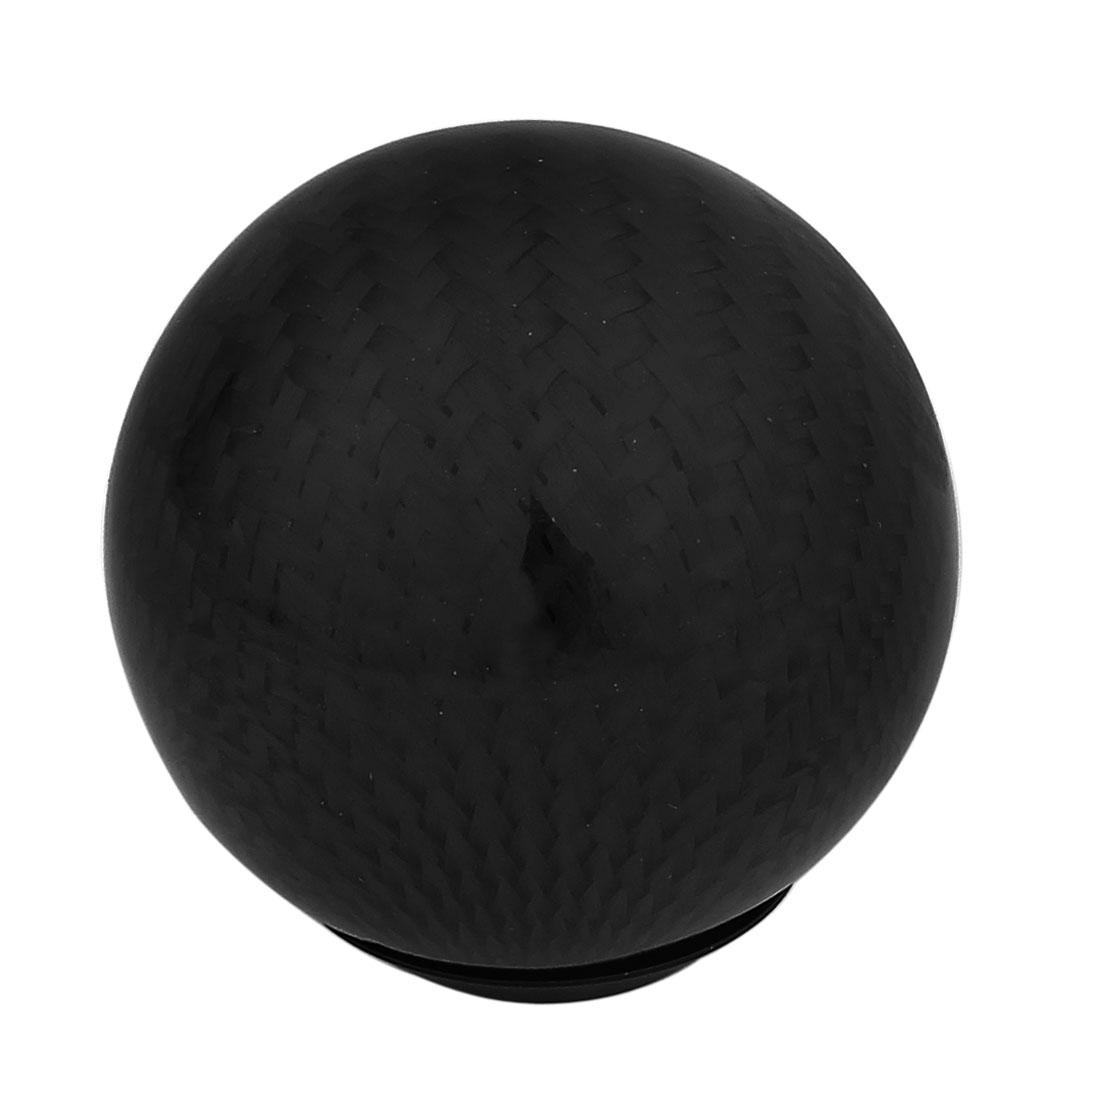 Auto Car Aluminum Base Black Carbon Fiber Ball Gear Shift Knob Head 15mm Dia